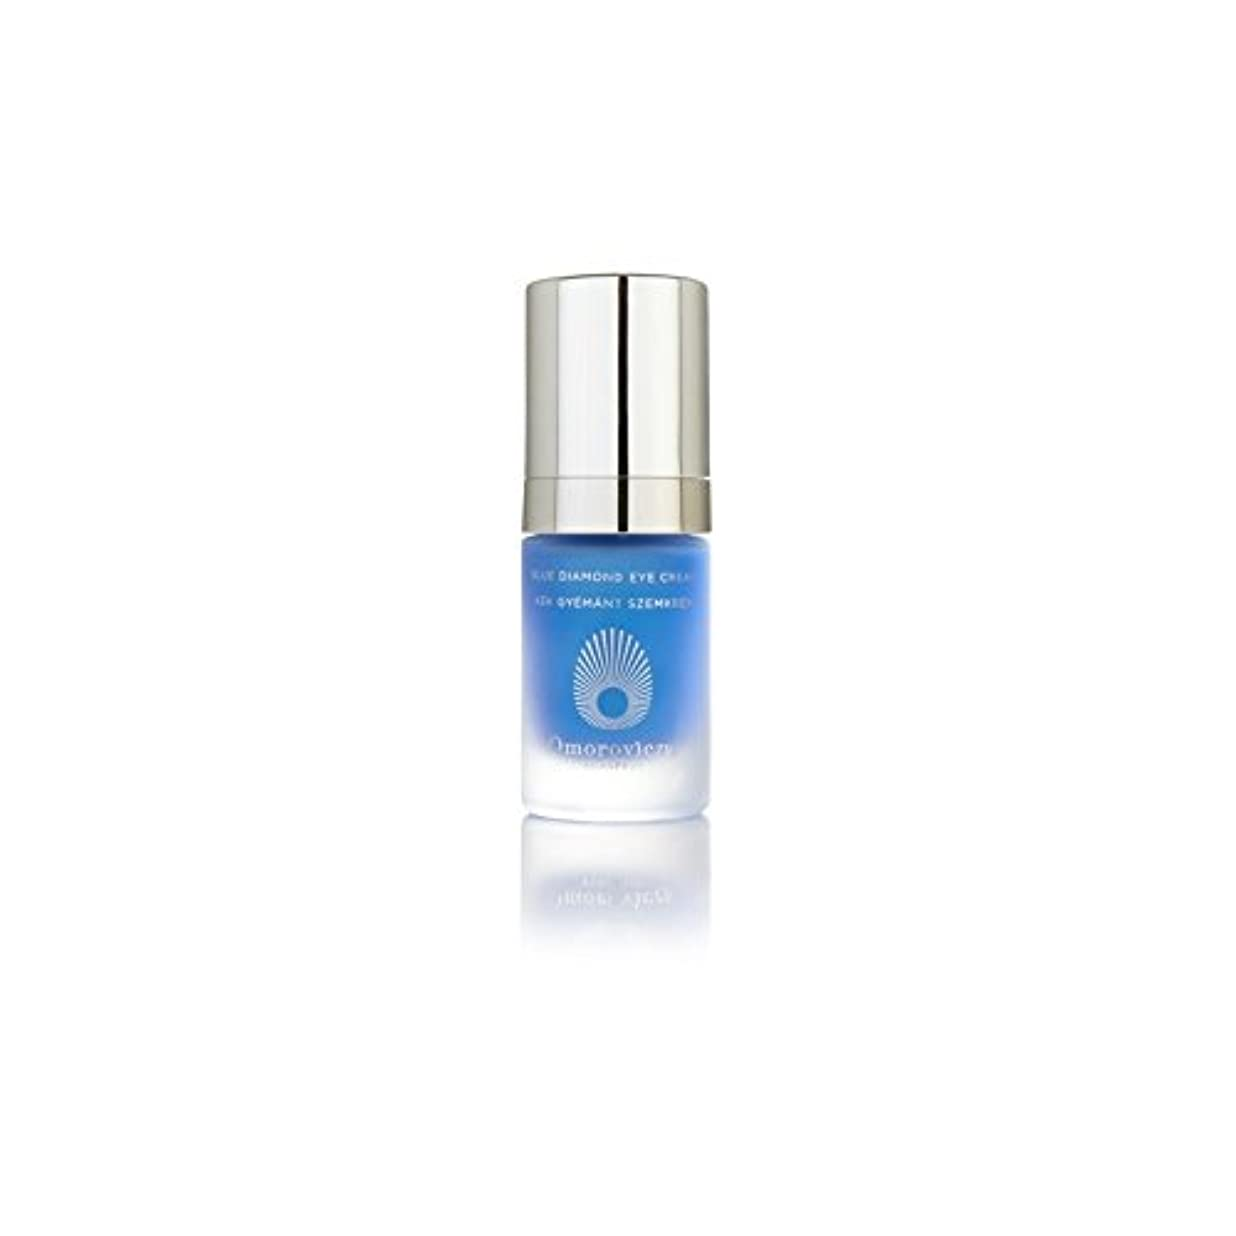 甘くする信仰ベアリングサークルブルーダイヤモンドアイクリーム(15ミリリットル) x2 - Omorovicza Blue Diamond Eye Cream (15ml) (Pack of 2) [並行輸入品]